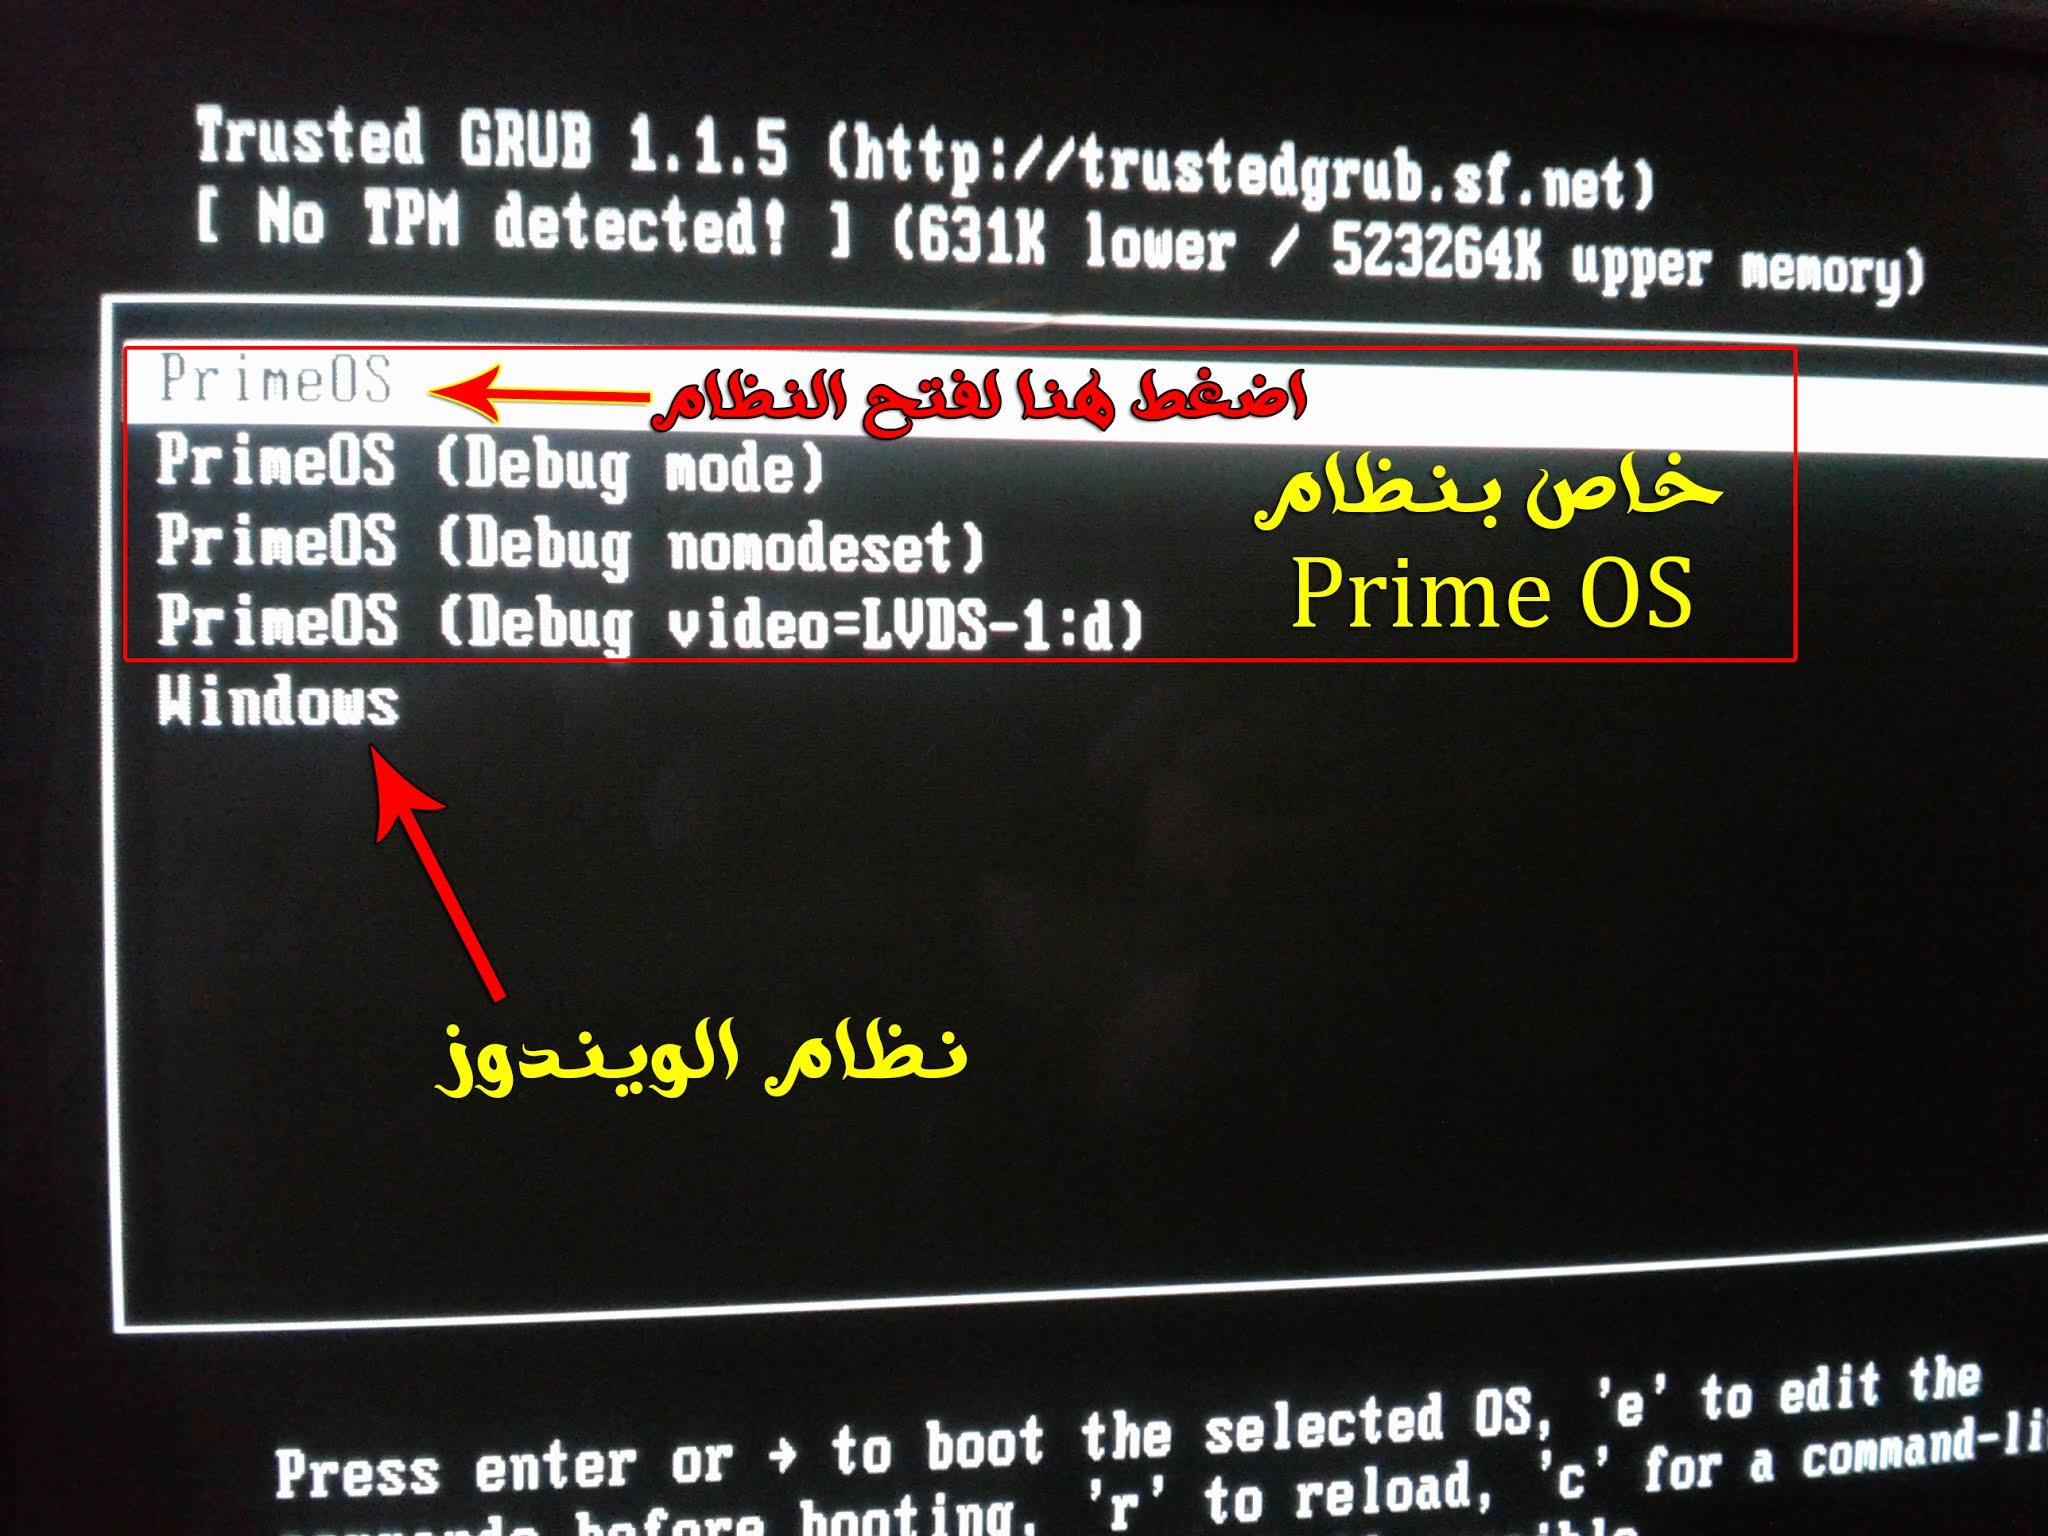 شرح طريقة تثبيت وتشغيل نظام Prime OS علي الكمبيوتر بجانب الويندوز وحل جميع مشاكل التثبيت والبوت